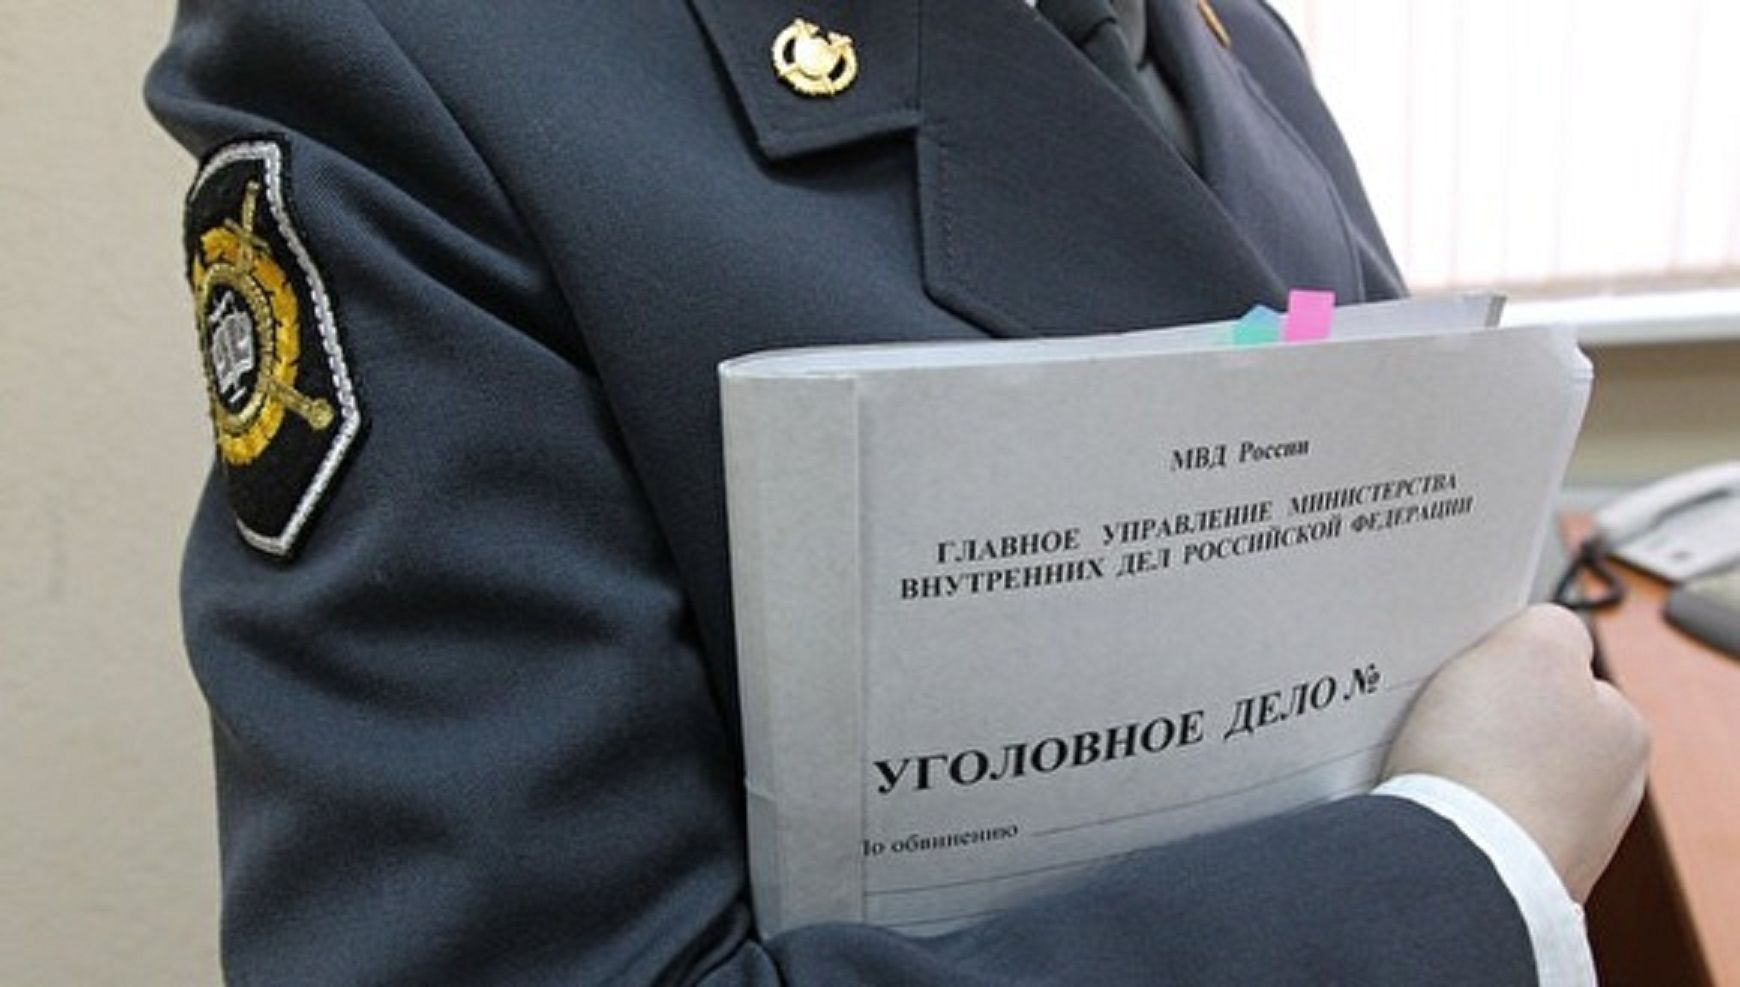 НаСтаврополье двое молодых людей похитили 13 наград ветерана ВОВ